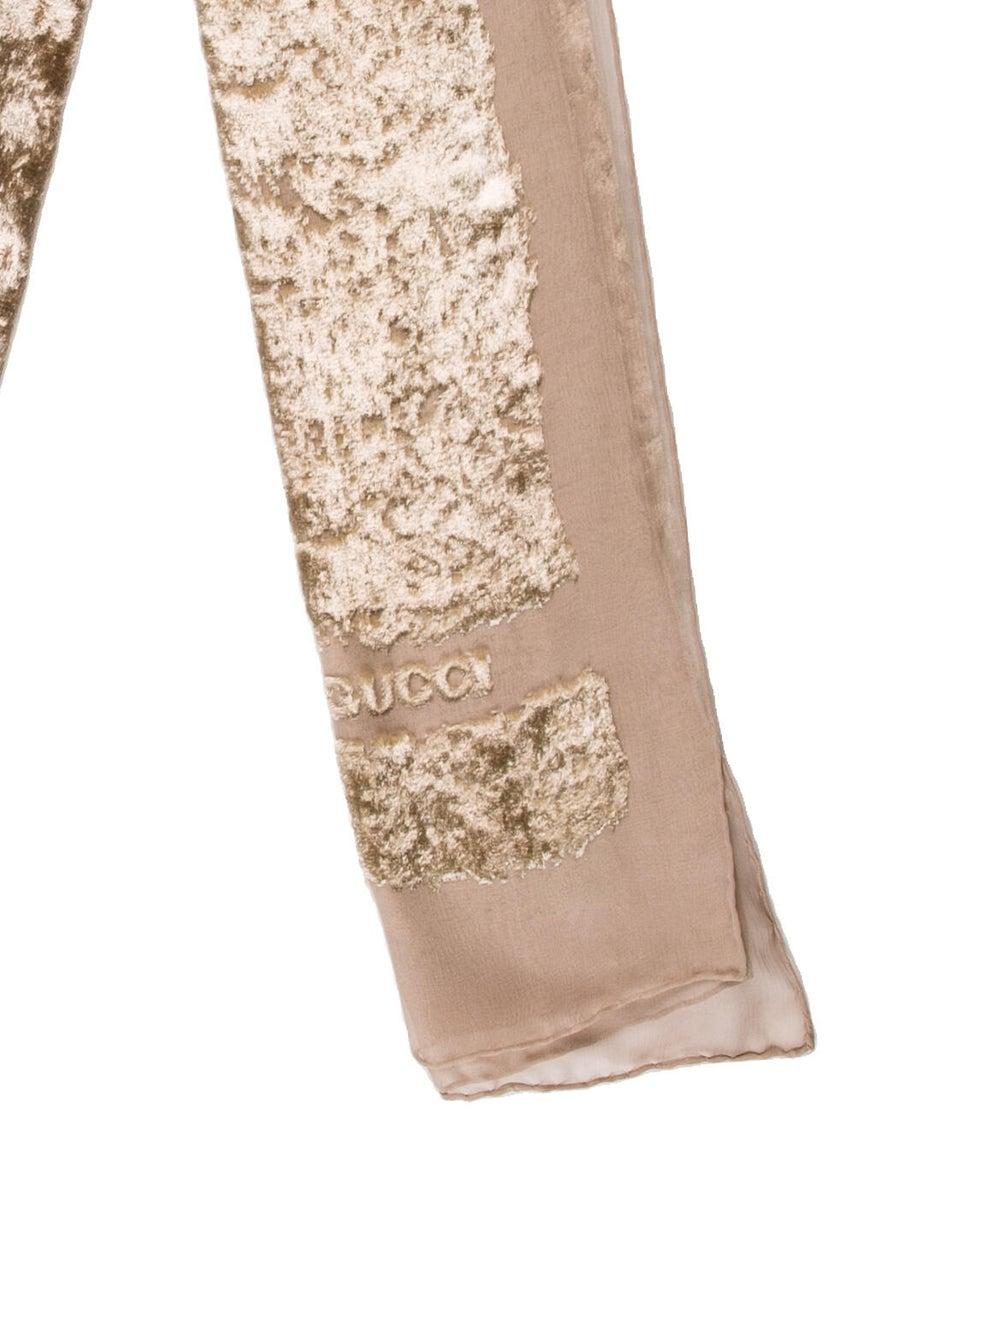 Gucci Velvet Floral Print Scarf - image 2